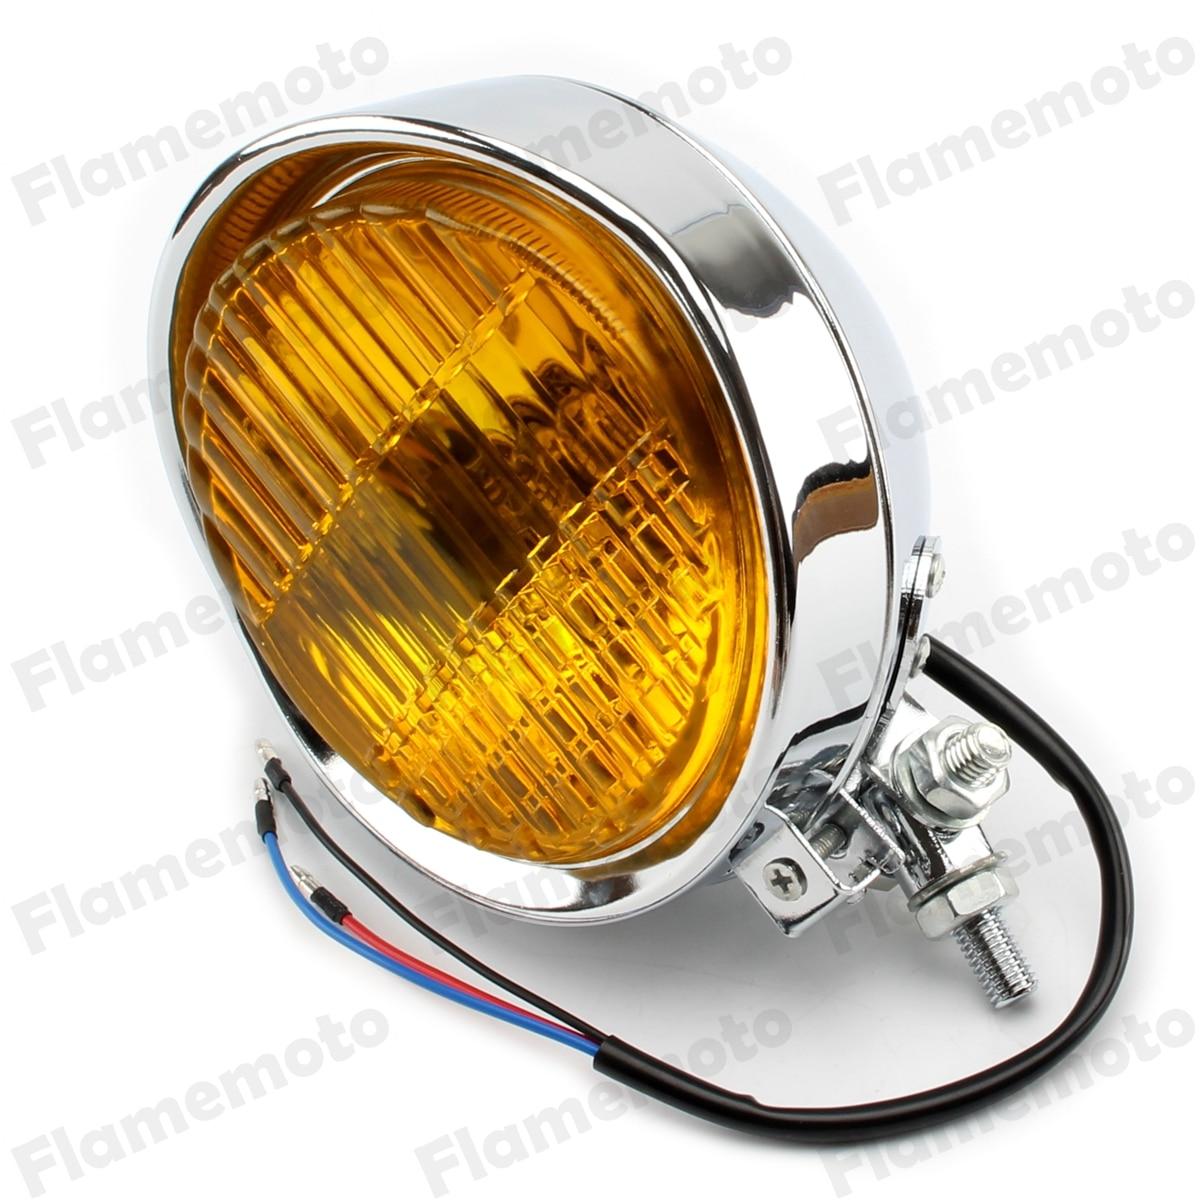 Chrome Amber Motorcycle Visor Vintage 5 8 Headlight Custom Bobber Chopper Cafe Racer Cruiser